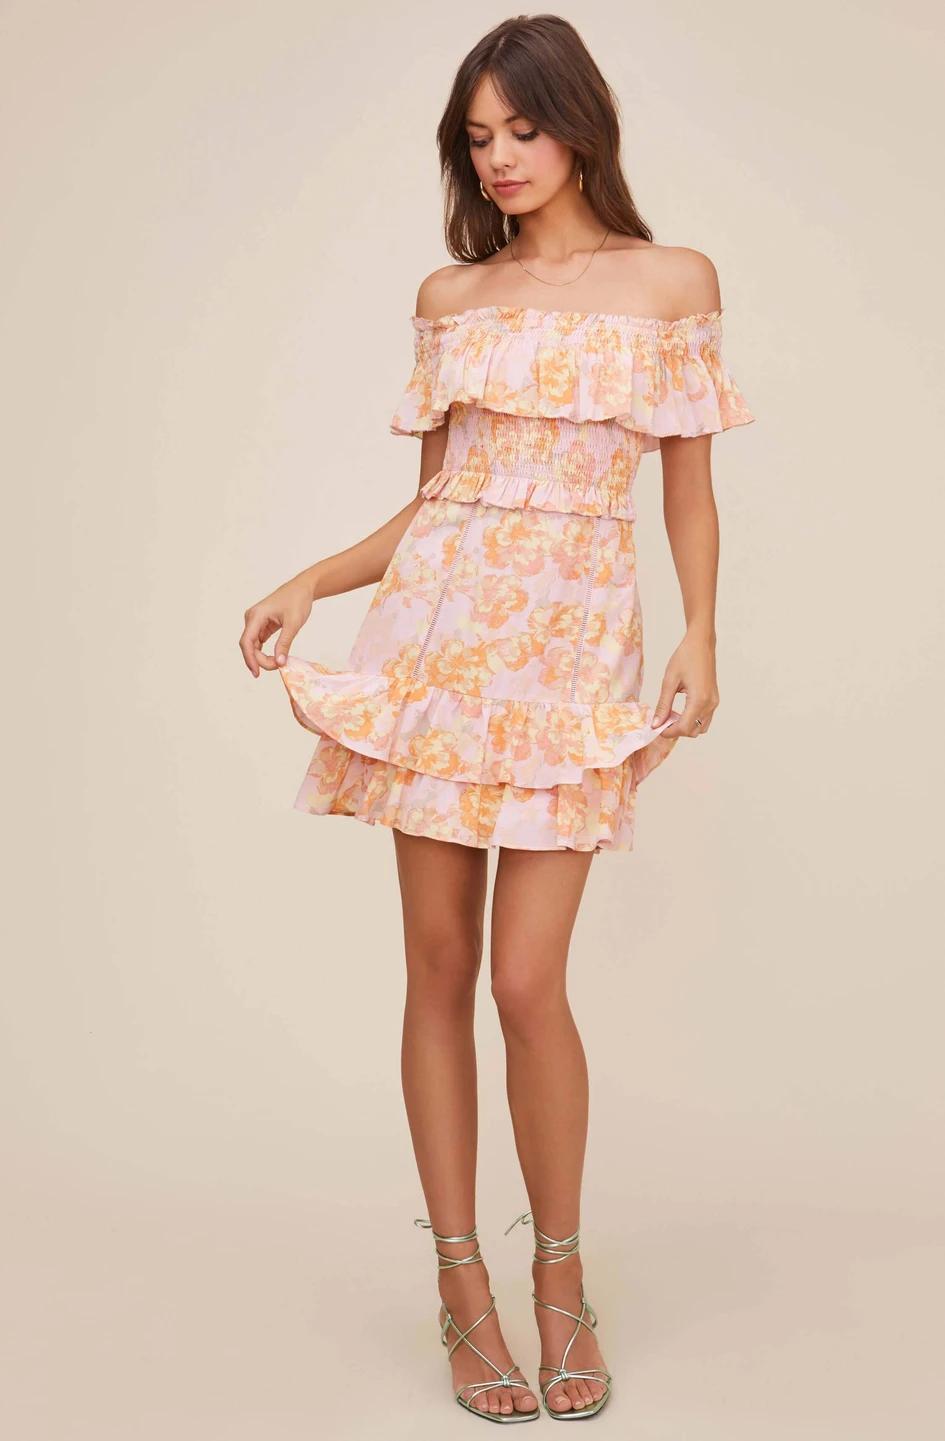 Riviera Floral Off Shoulder Dress Off Shoulder Dress Dresses Shoulder Dress [ 1441 x 945 Pixel ]